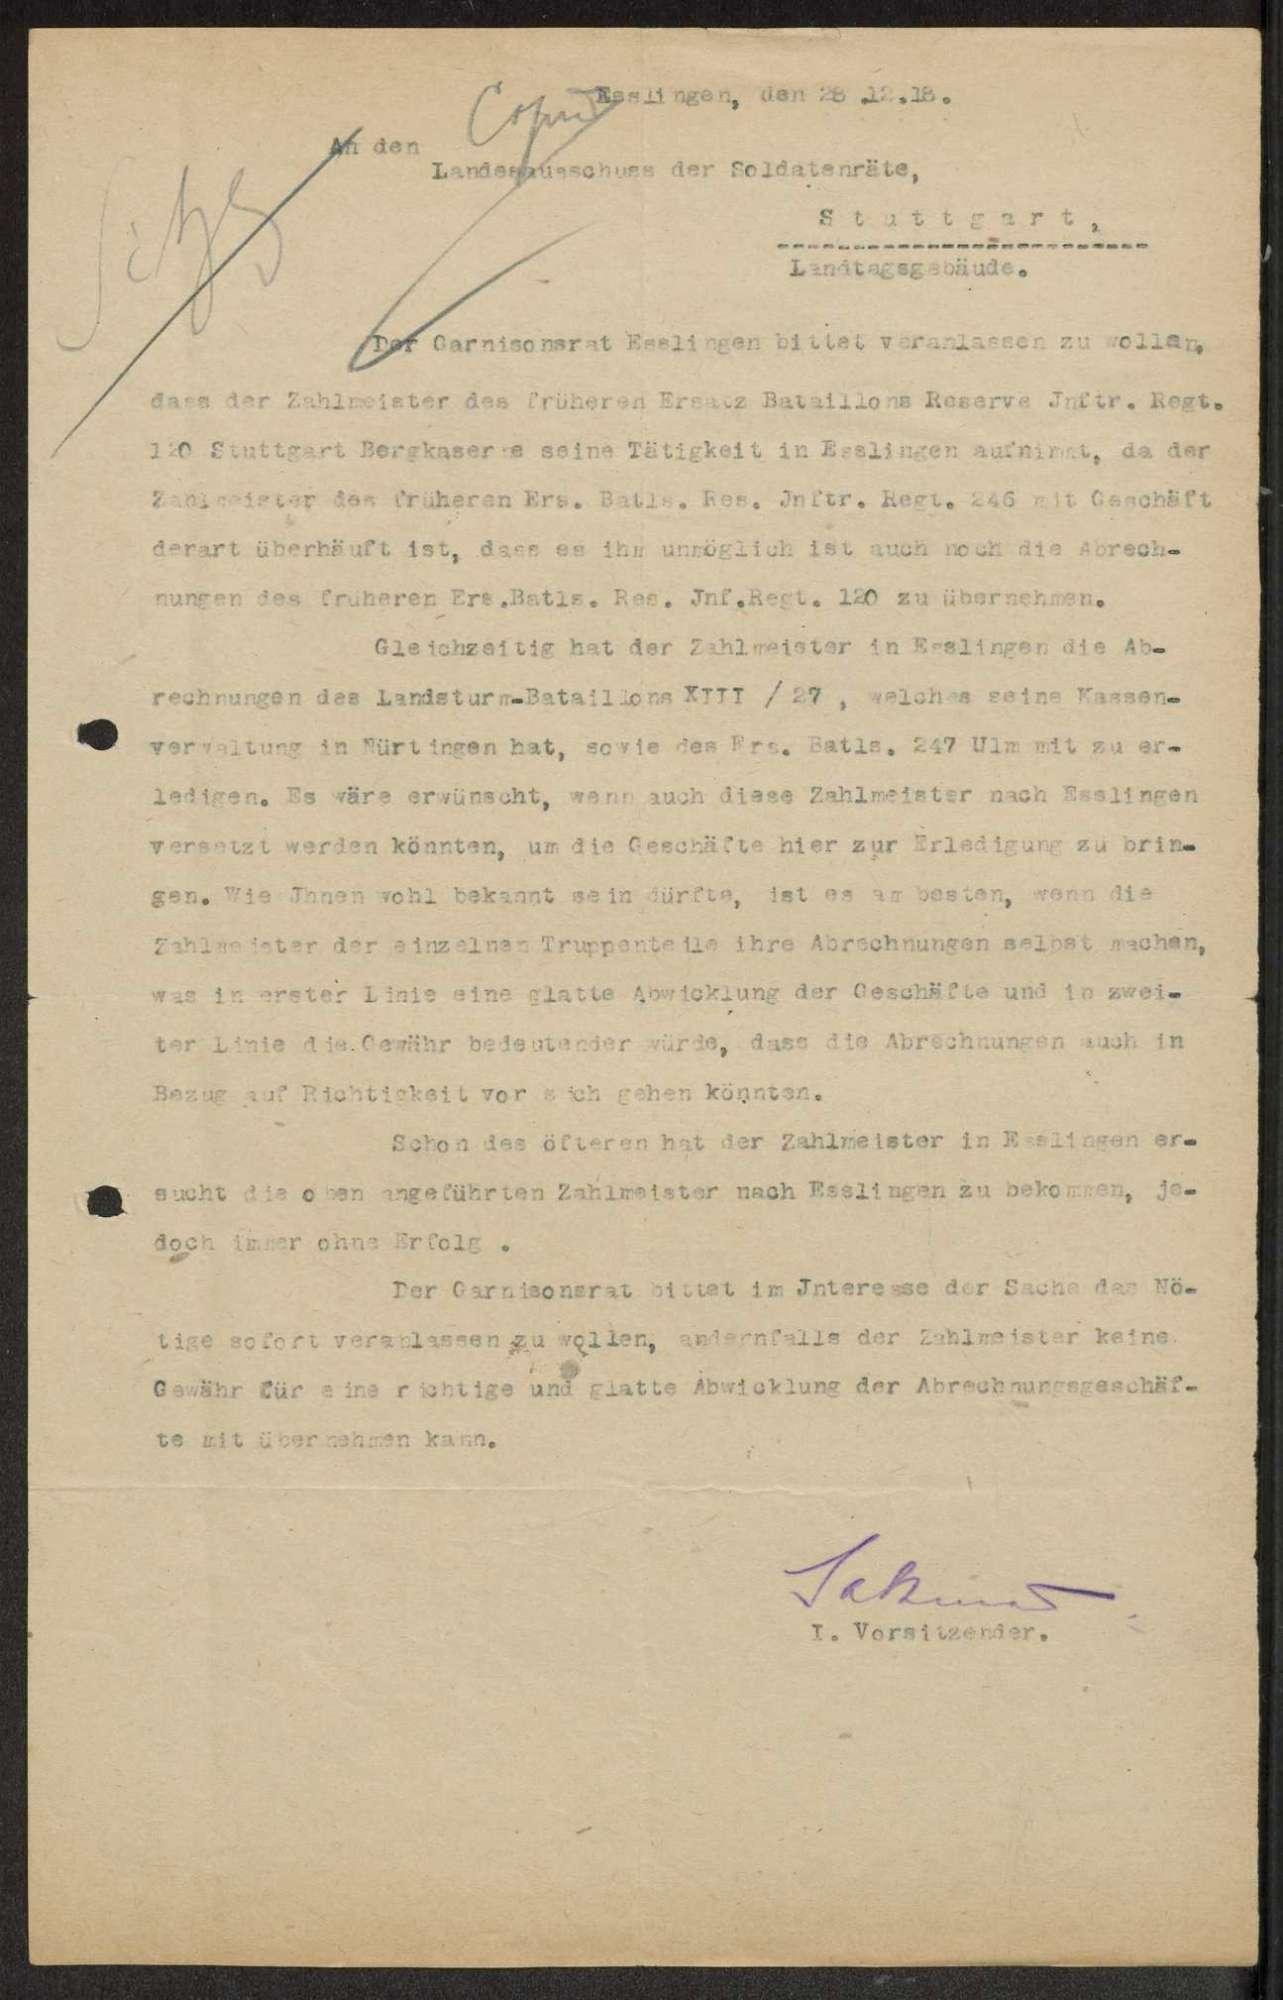 Liste der beim Ersatz-Bataillon des Reserve-Infanterie-Regiments Nr. 120 befindlichen Offiziere, Zuweisung von Zahlmeistern, Bild 2